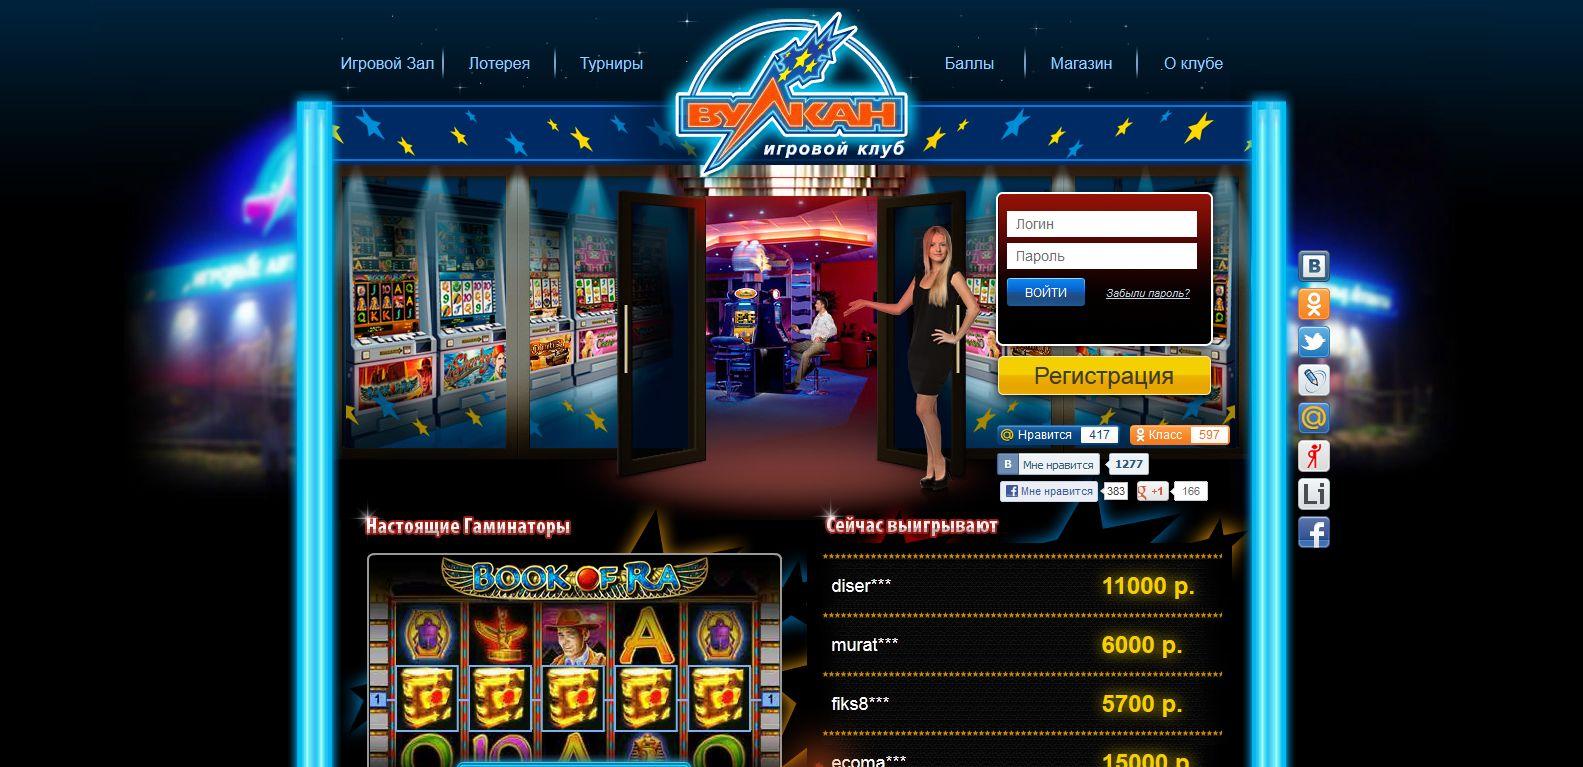 Интернет казино игровые аппараты вулкан играть игровые аппараты покупка